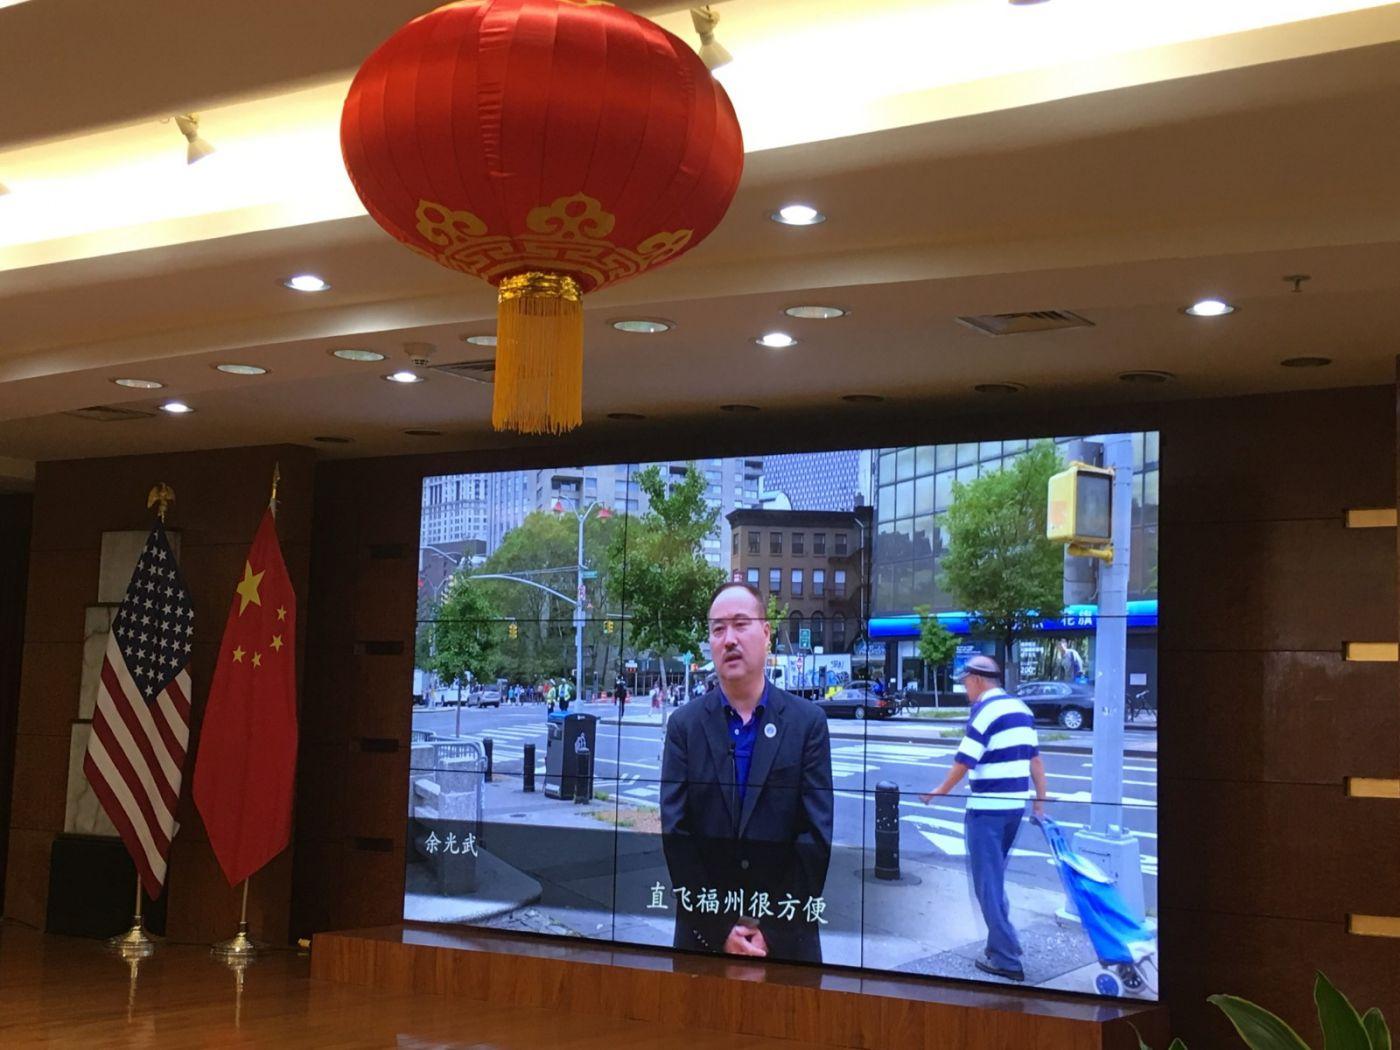 中国驻纽约总领事馆舉辦庆祝建国70周年招待會_图1-14